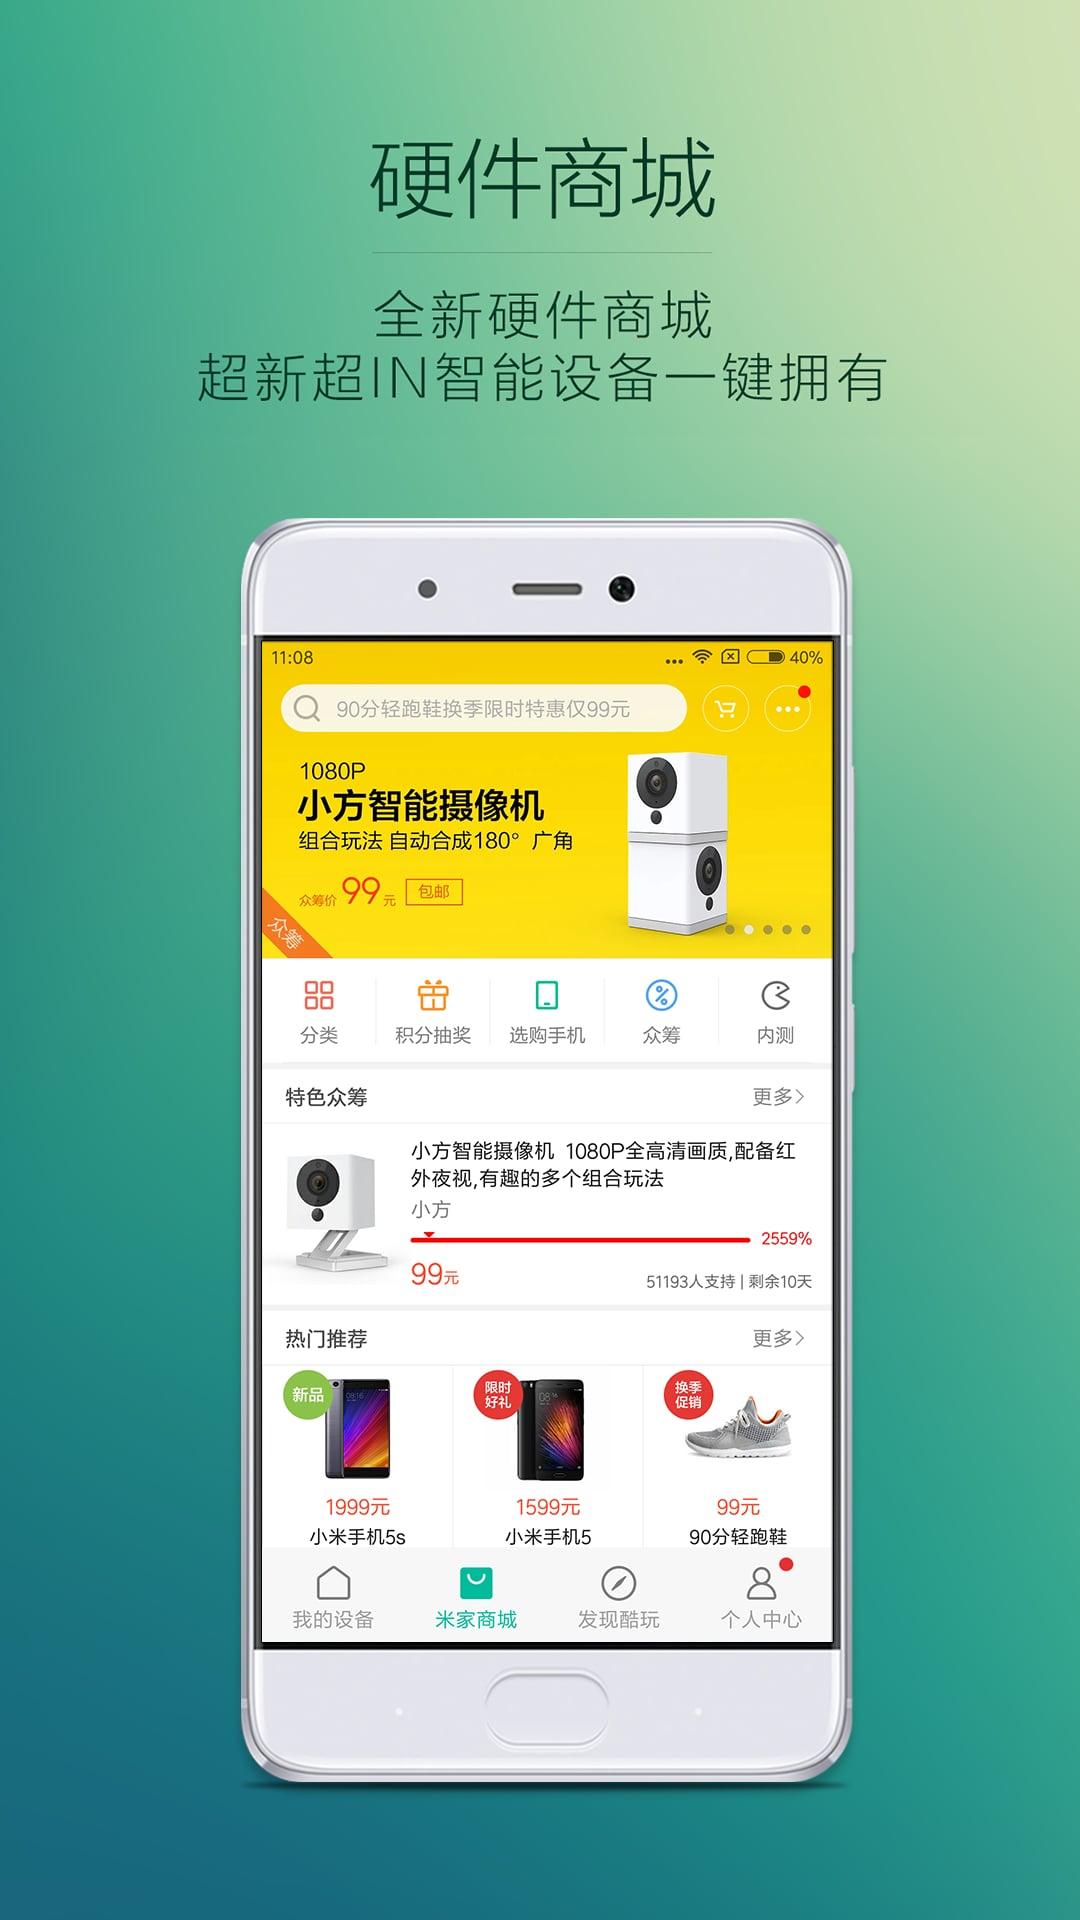 米家 V5.0.15 安卓版截图3